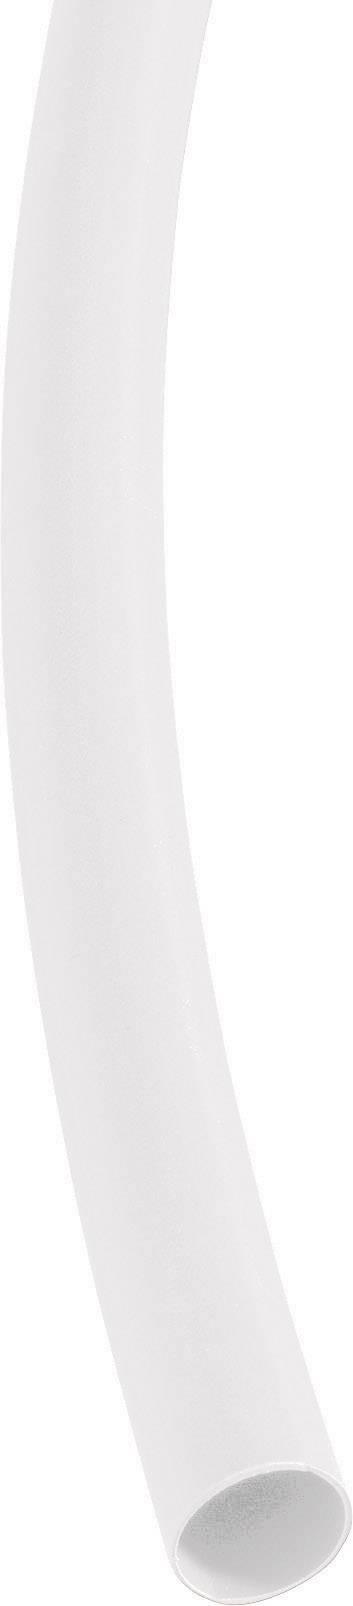 Zmršťovacie bužírky nelepiace DSG Canusa DERAY-I3000 3290030903, 3:1, 3.20 mm, biela, metrový tovar